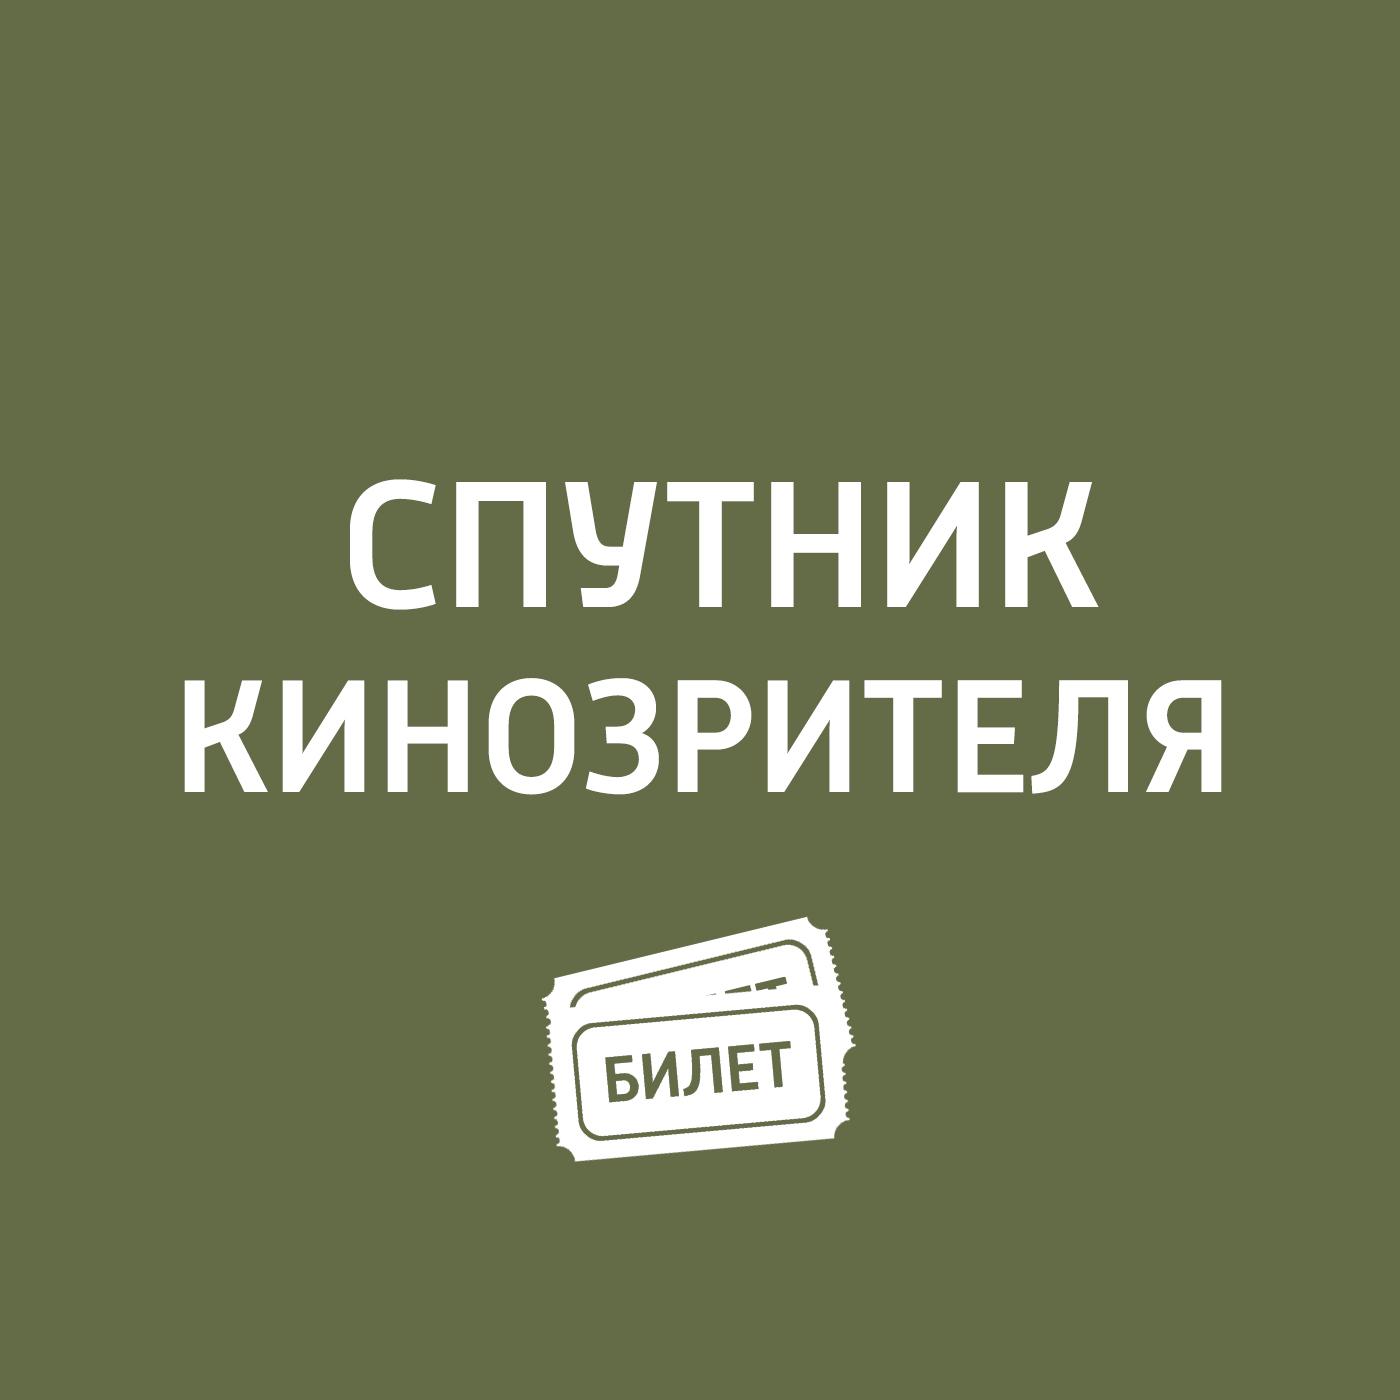 Антон Долин Ингмар Бергман ингмар бергман приношение к 70 летию